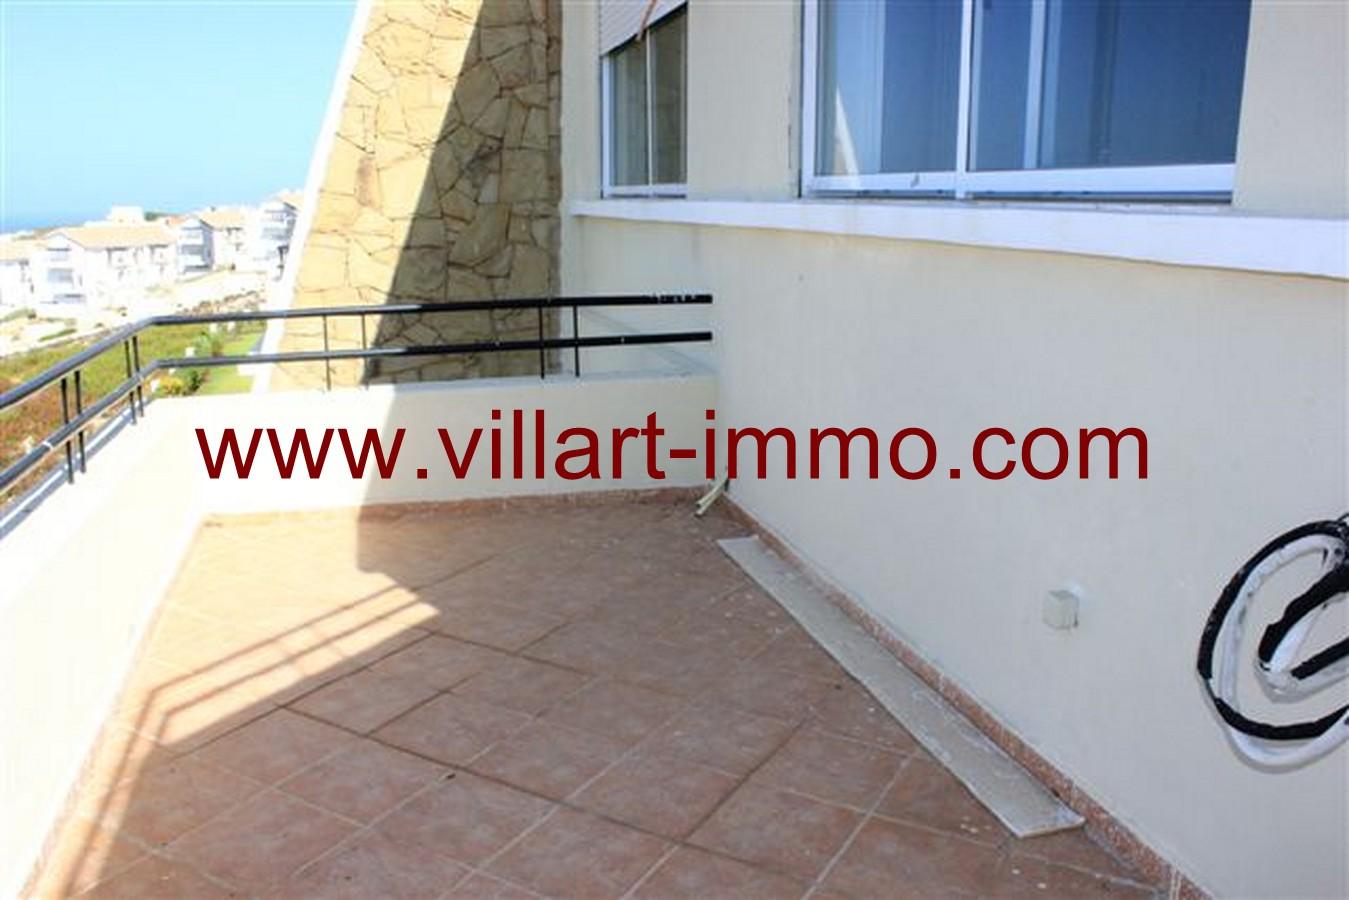 10-Vente-Villa-tanger-Malabata-MIR-1-Villart Immo